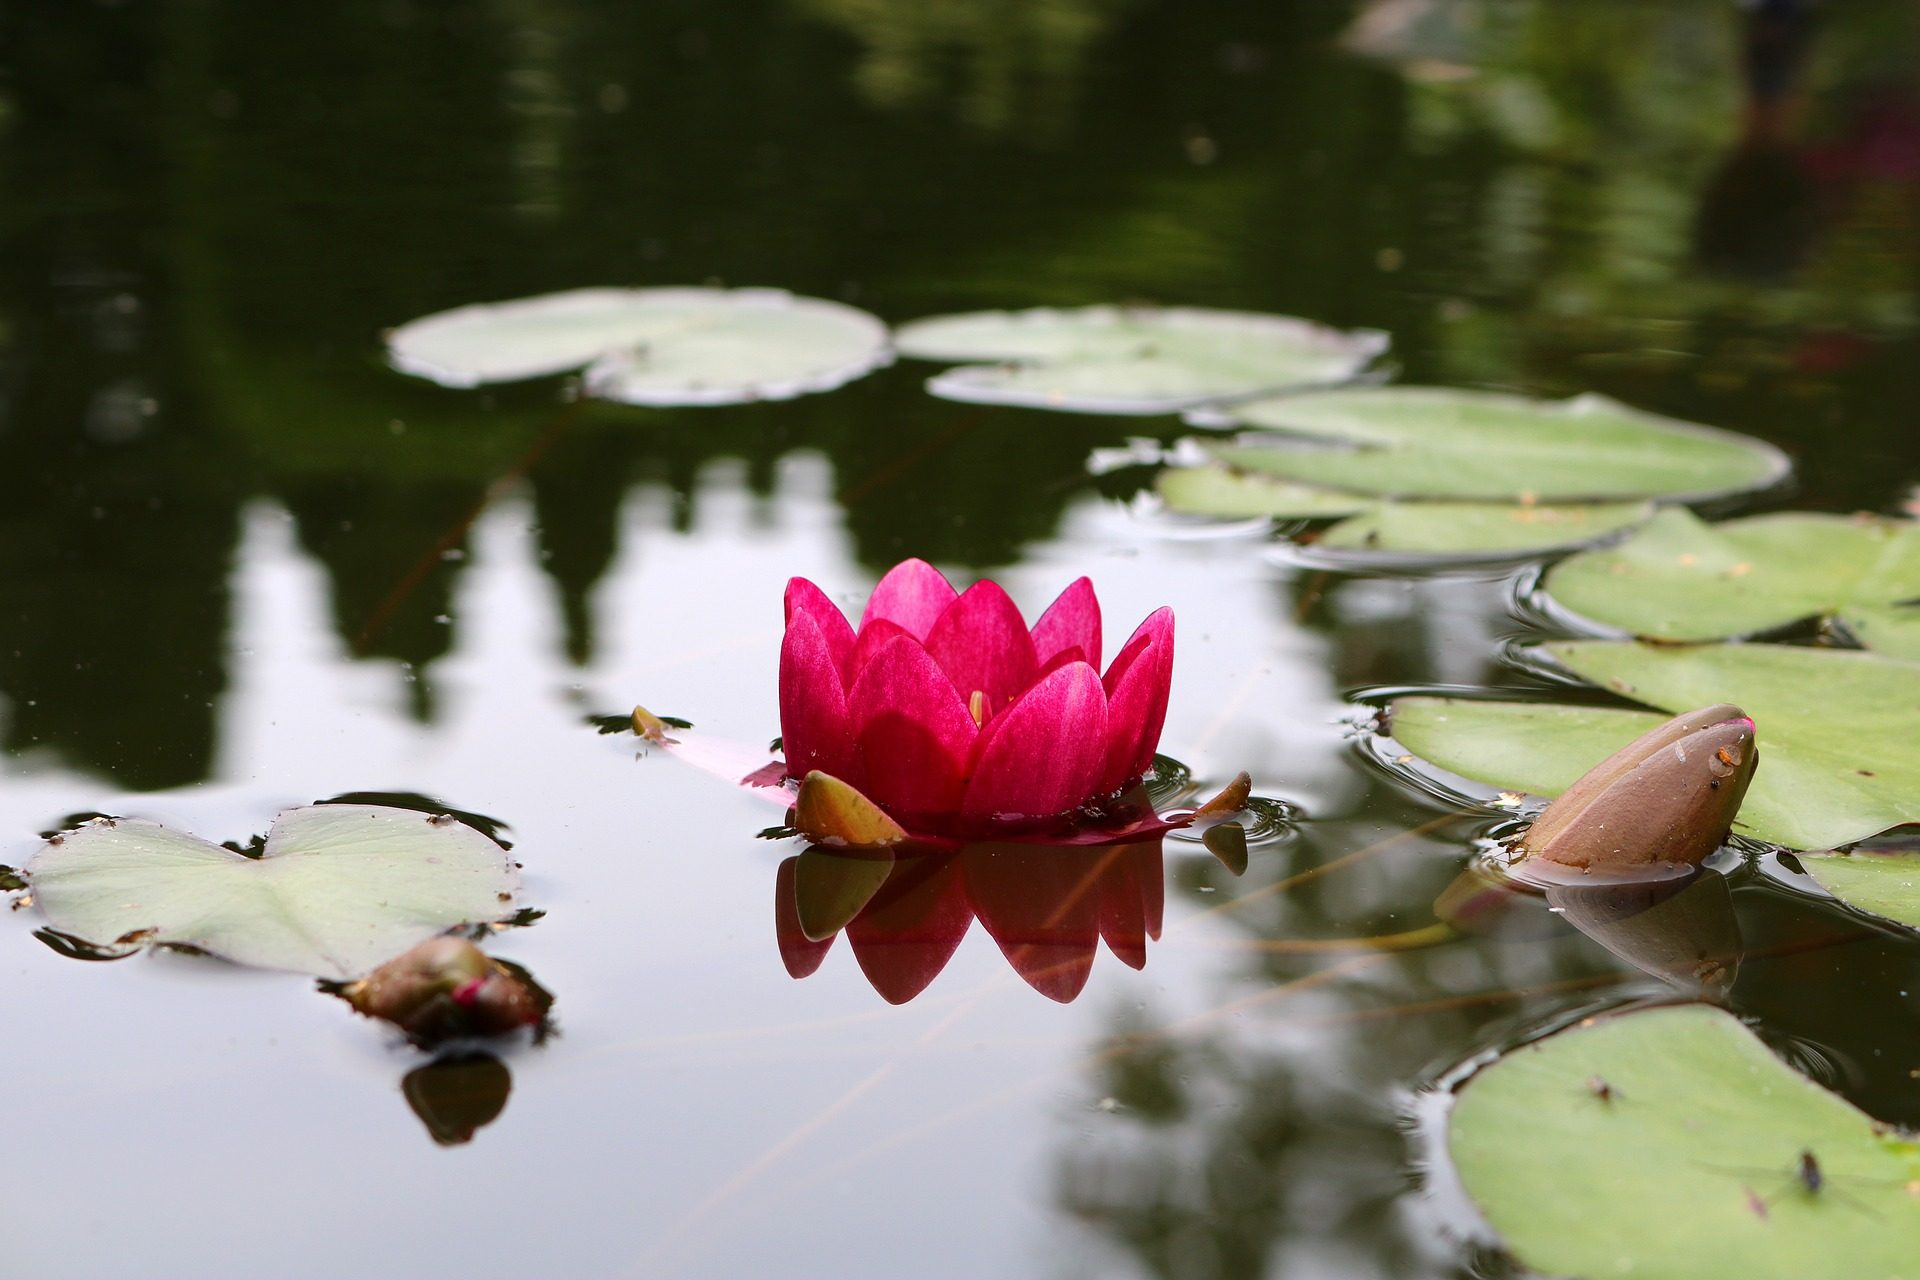 Lily, eau, étang, feuilles, pétales, Jardin - Fonds d'écran HD - Professor-falken.com